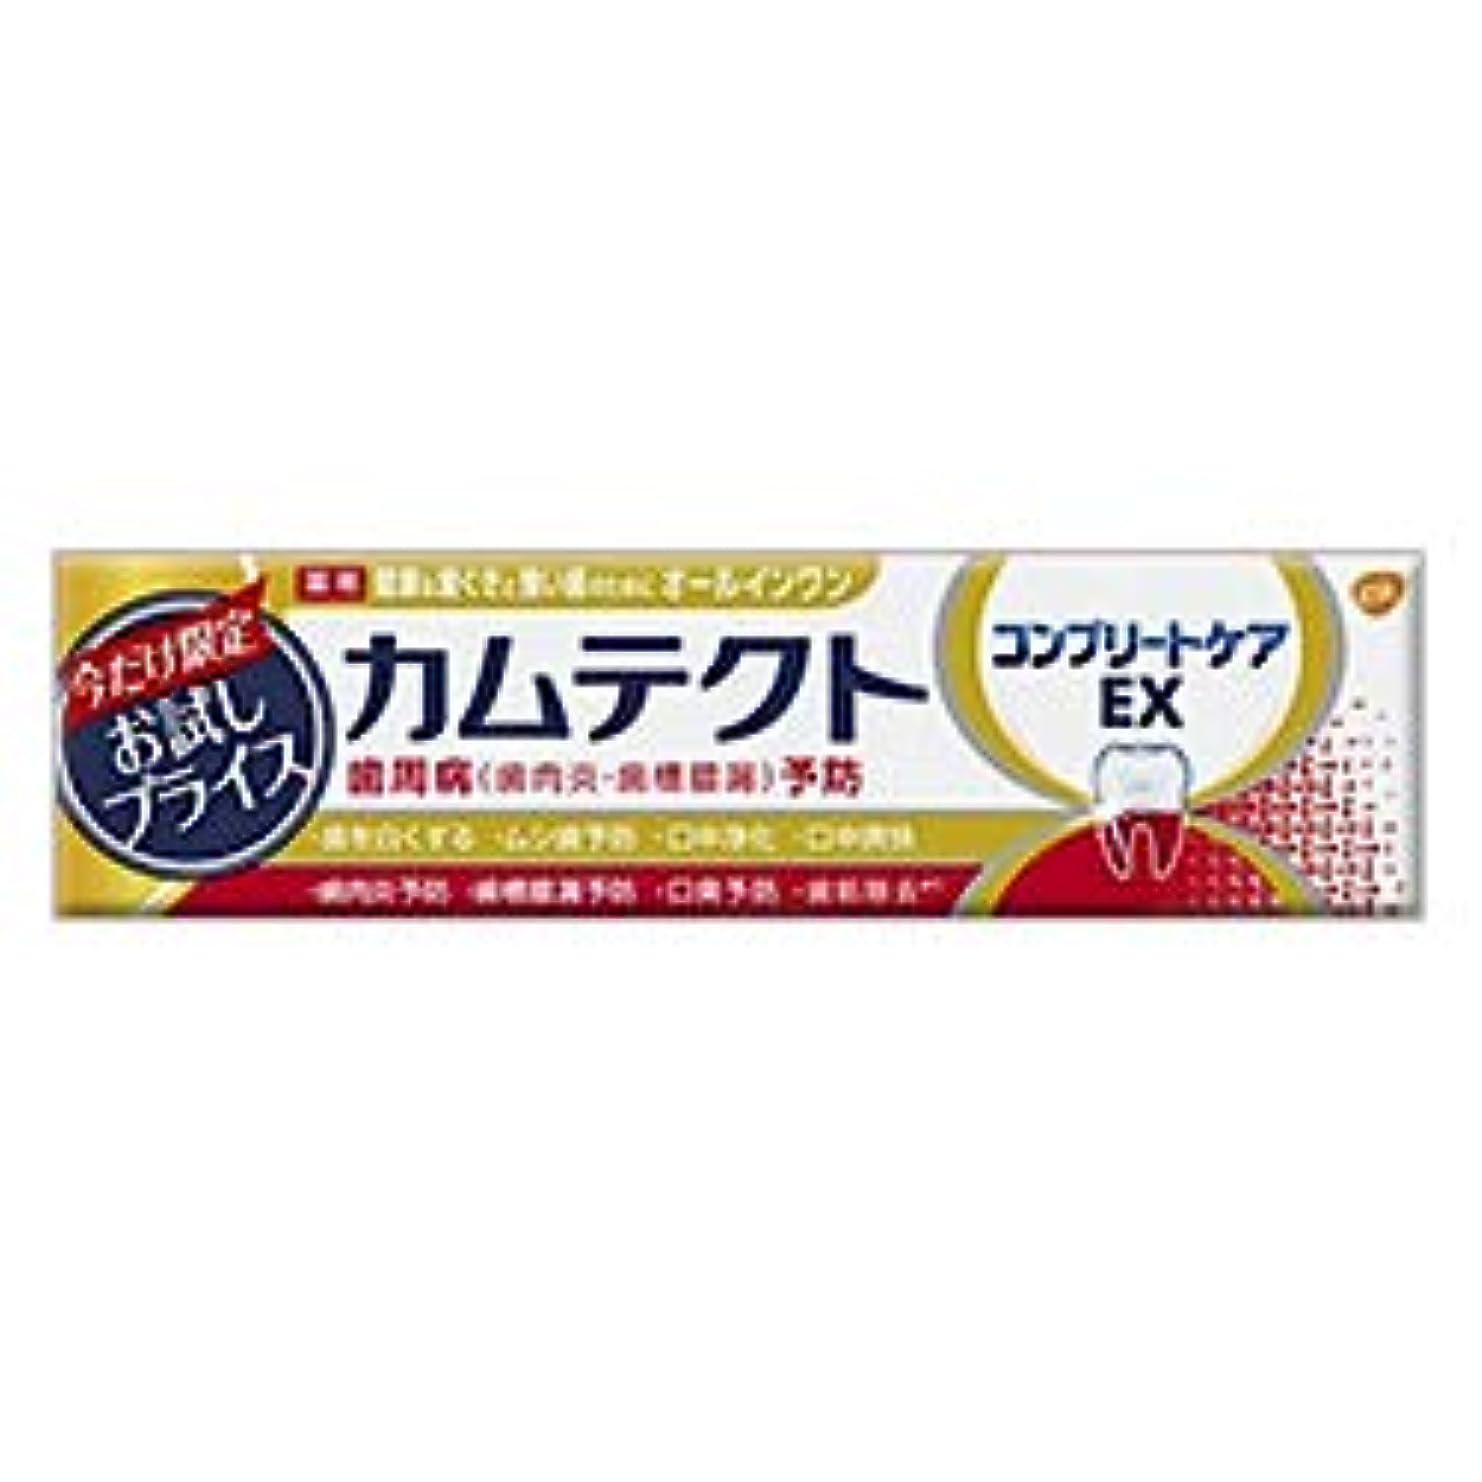 資料ちなみにぼろ【アース製薬】カムテクト コンプリートケアEX 限定お試し版 95g [医薬部外品] ×5個セット